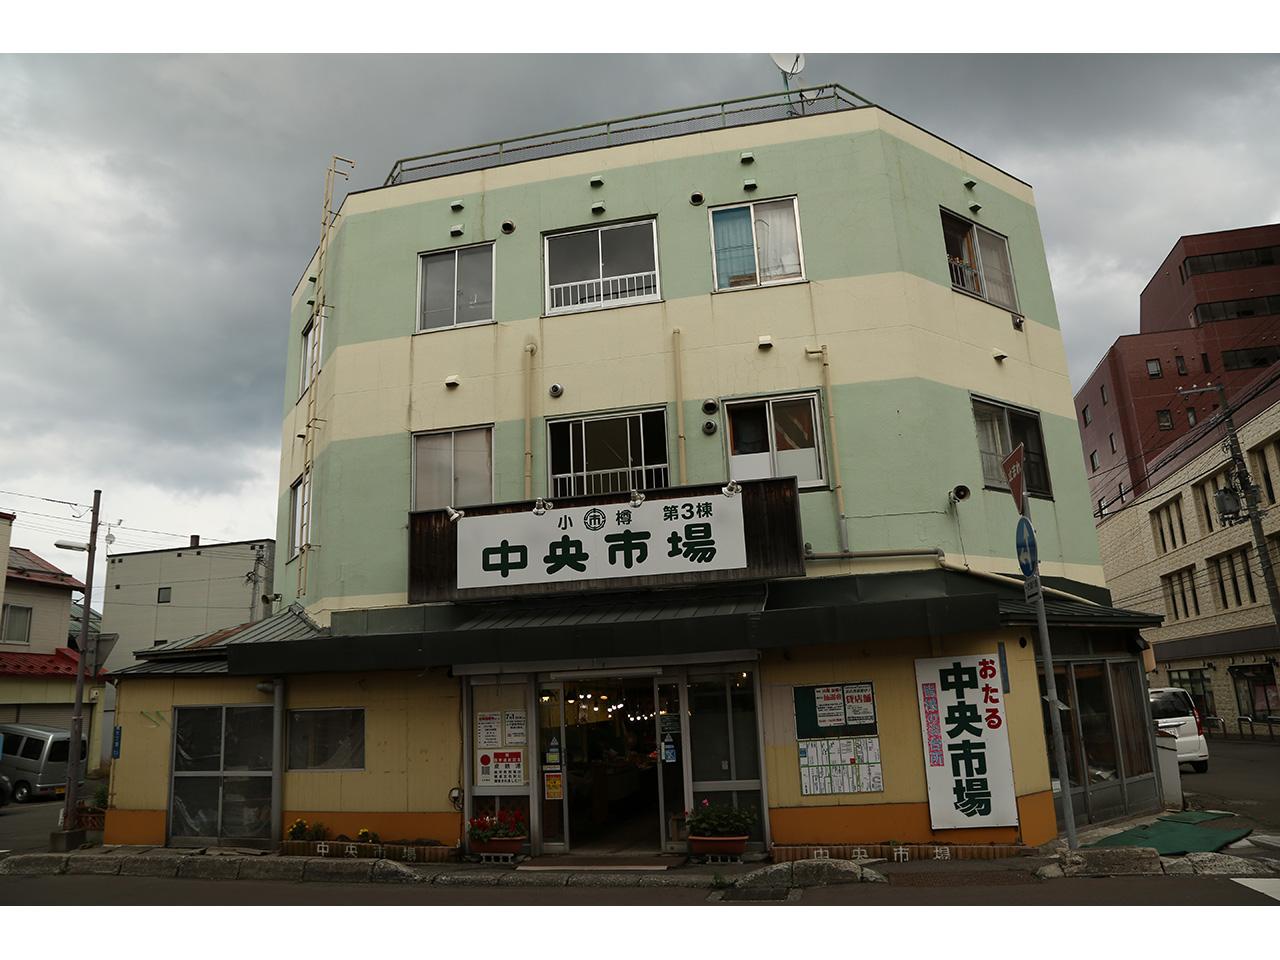 画像:小樽中央市場(1)